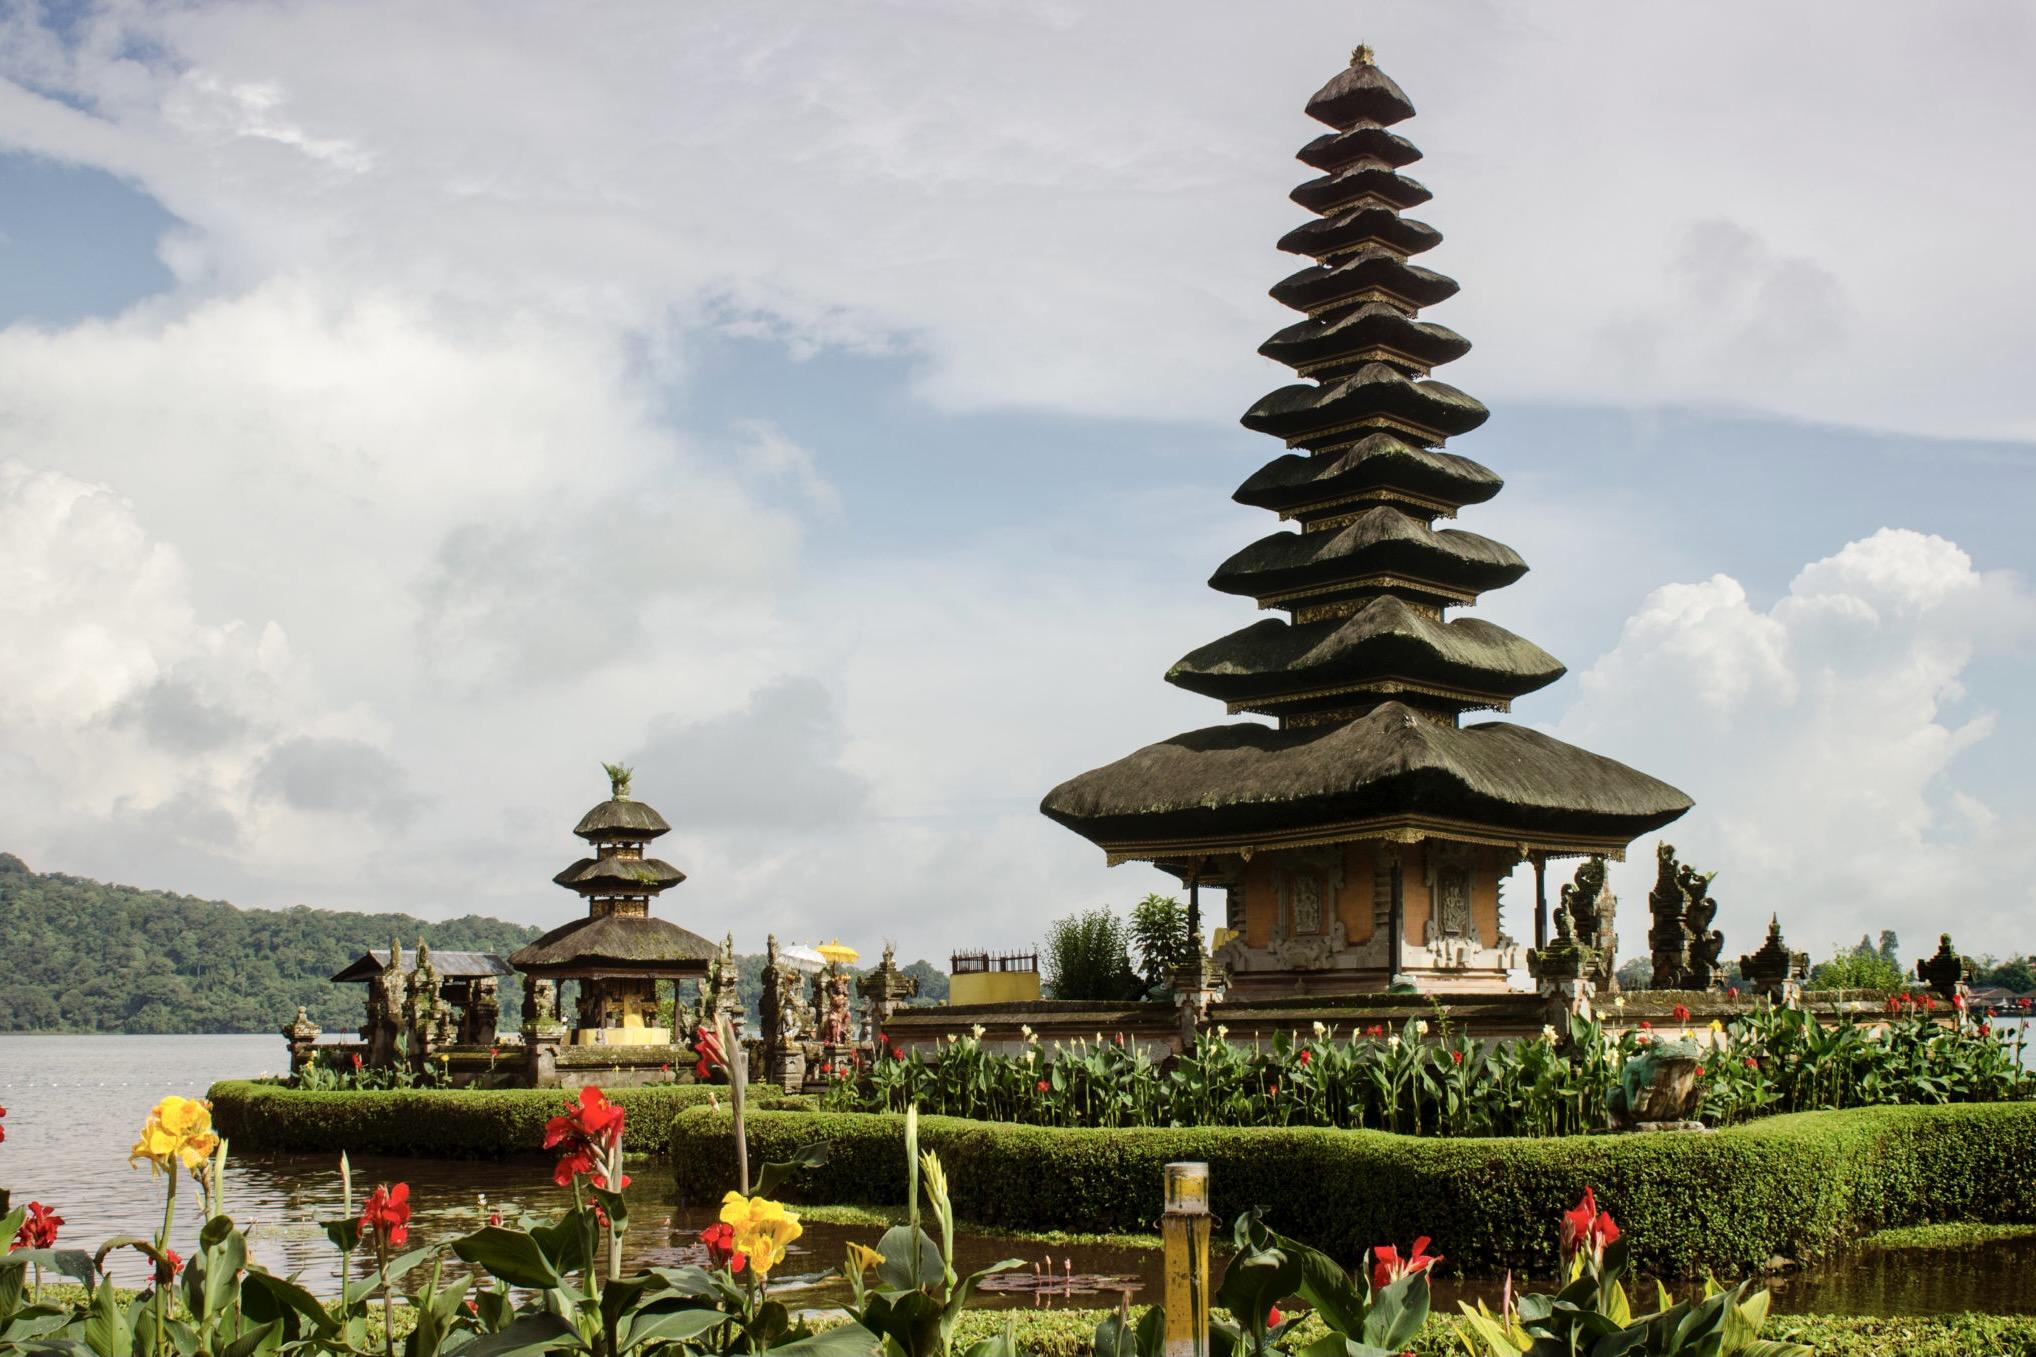 Ein Tempel in Bali in Indonesien